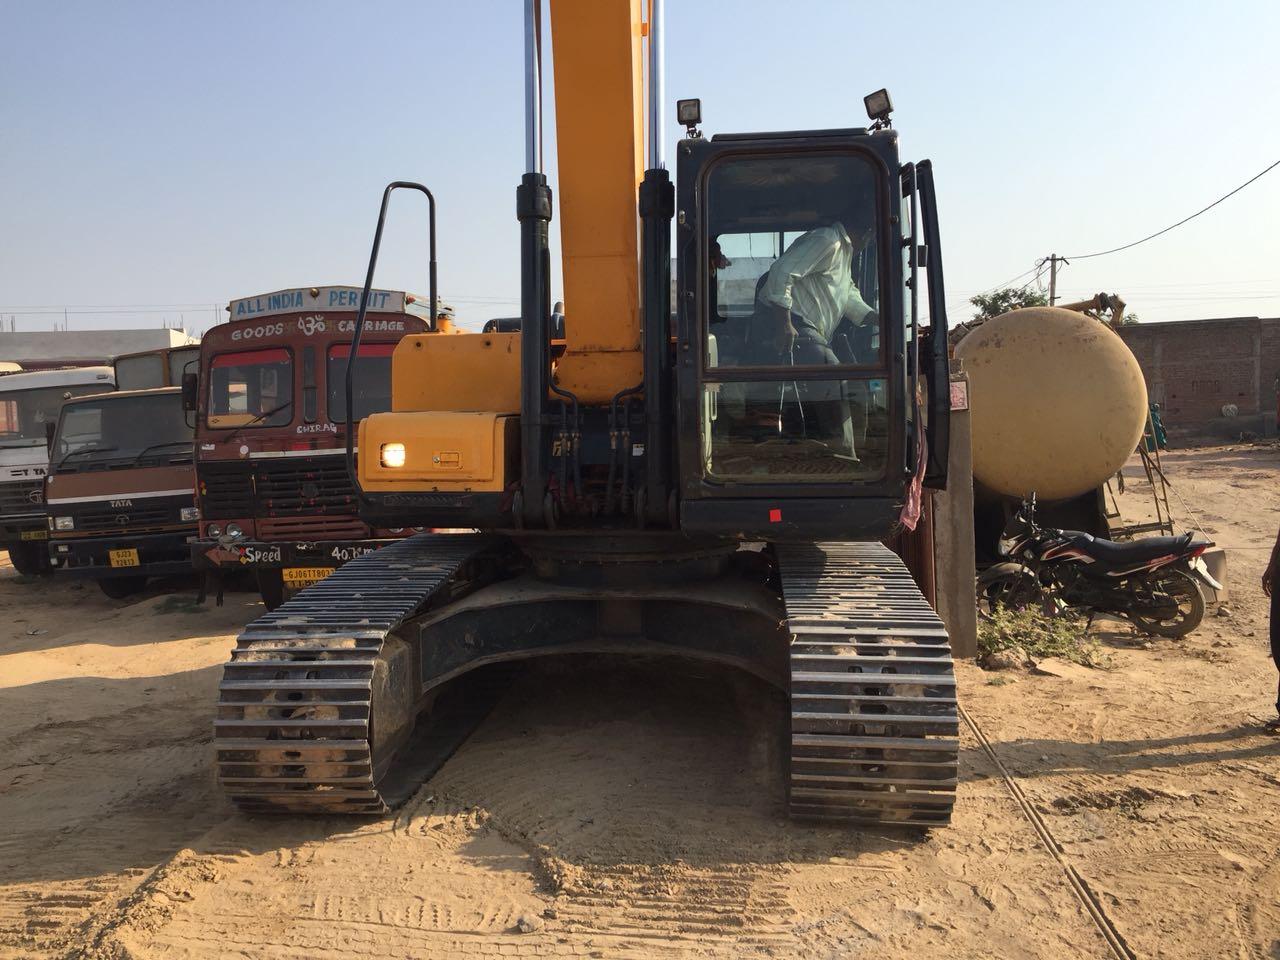 Hyundai Excavator India